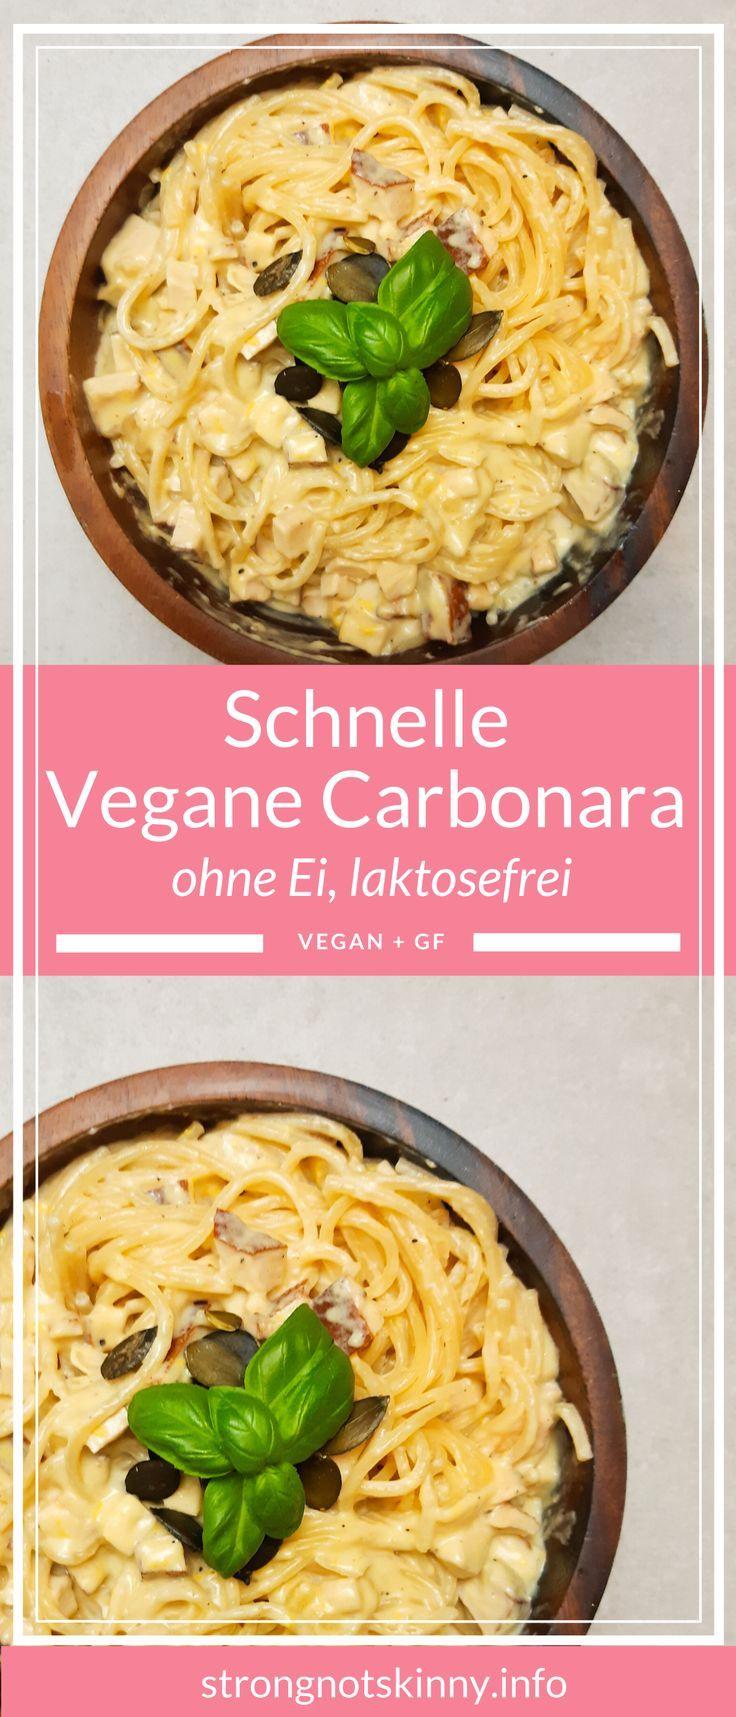 Schnelle vegane Carbonara herzhaftes Rezept Abendessen